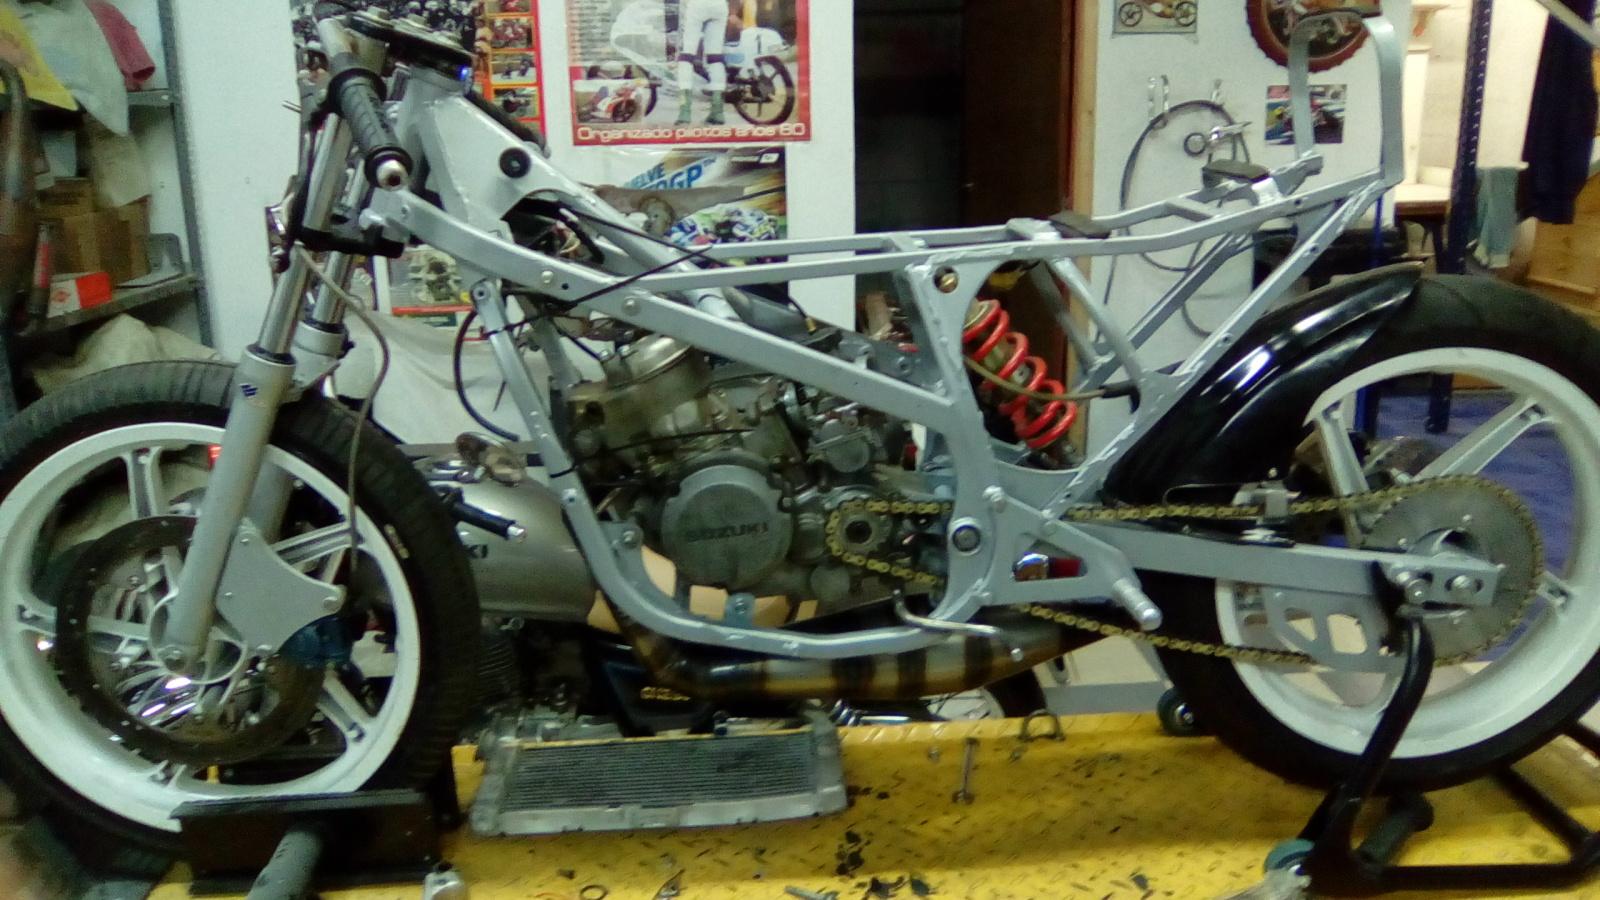 Proyecto Suzuki RG 125 de competición 2urpk74